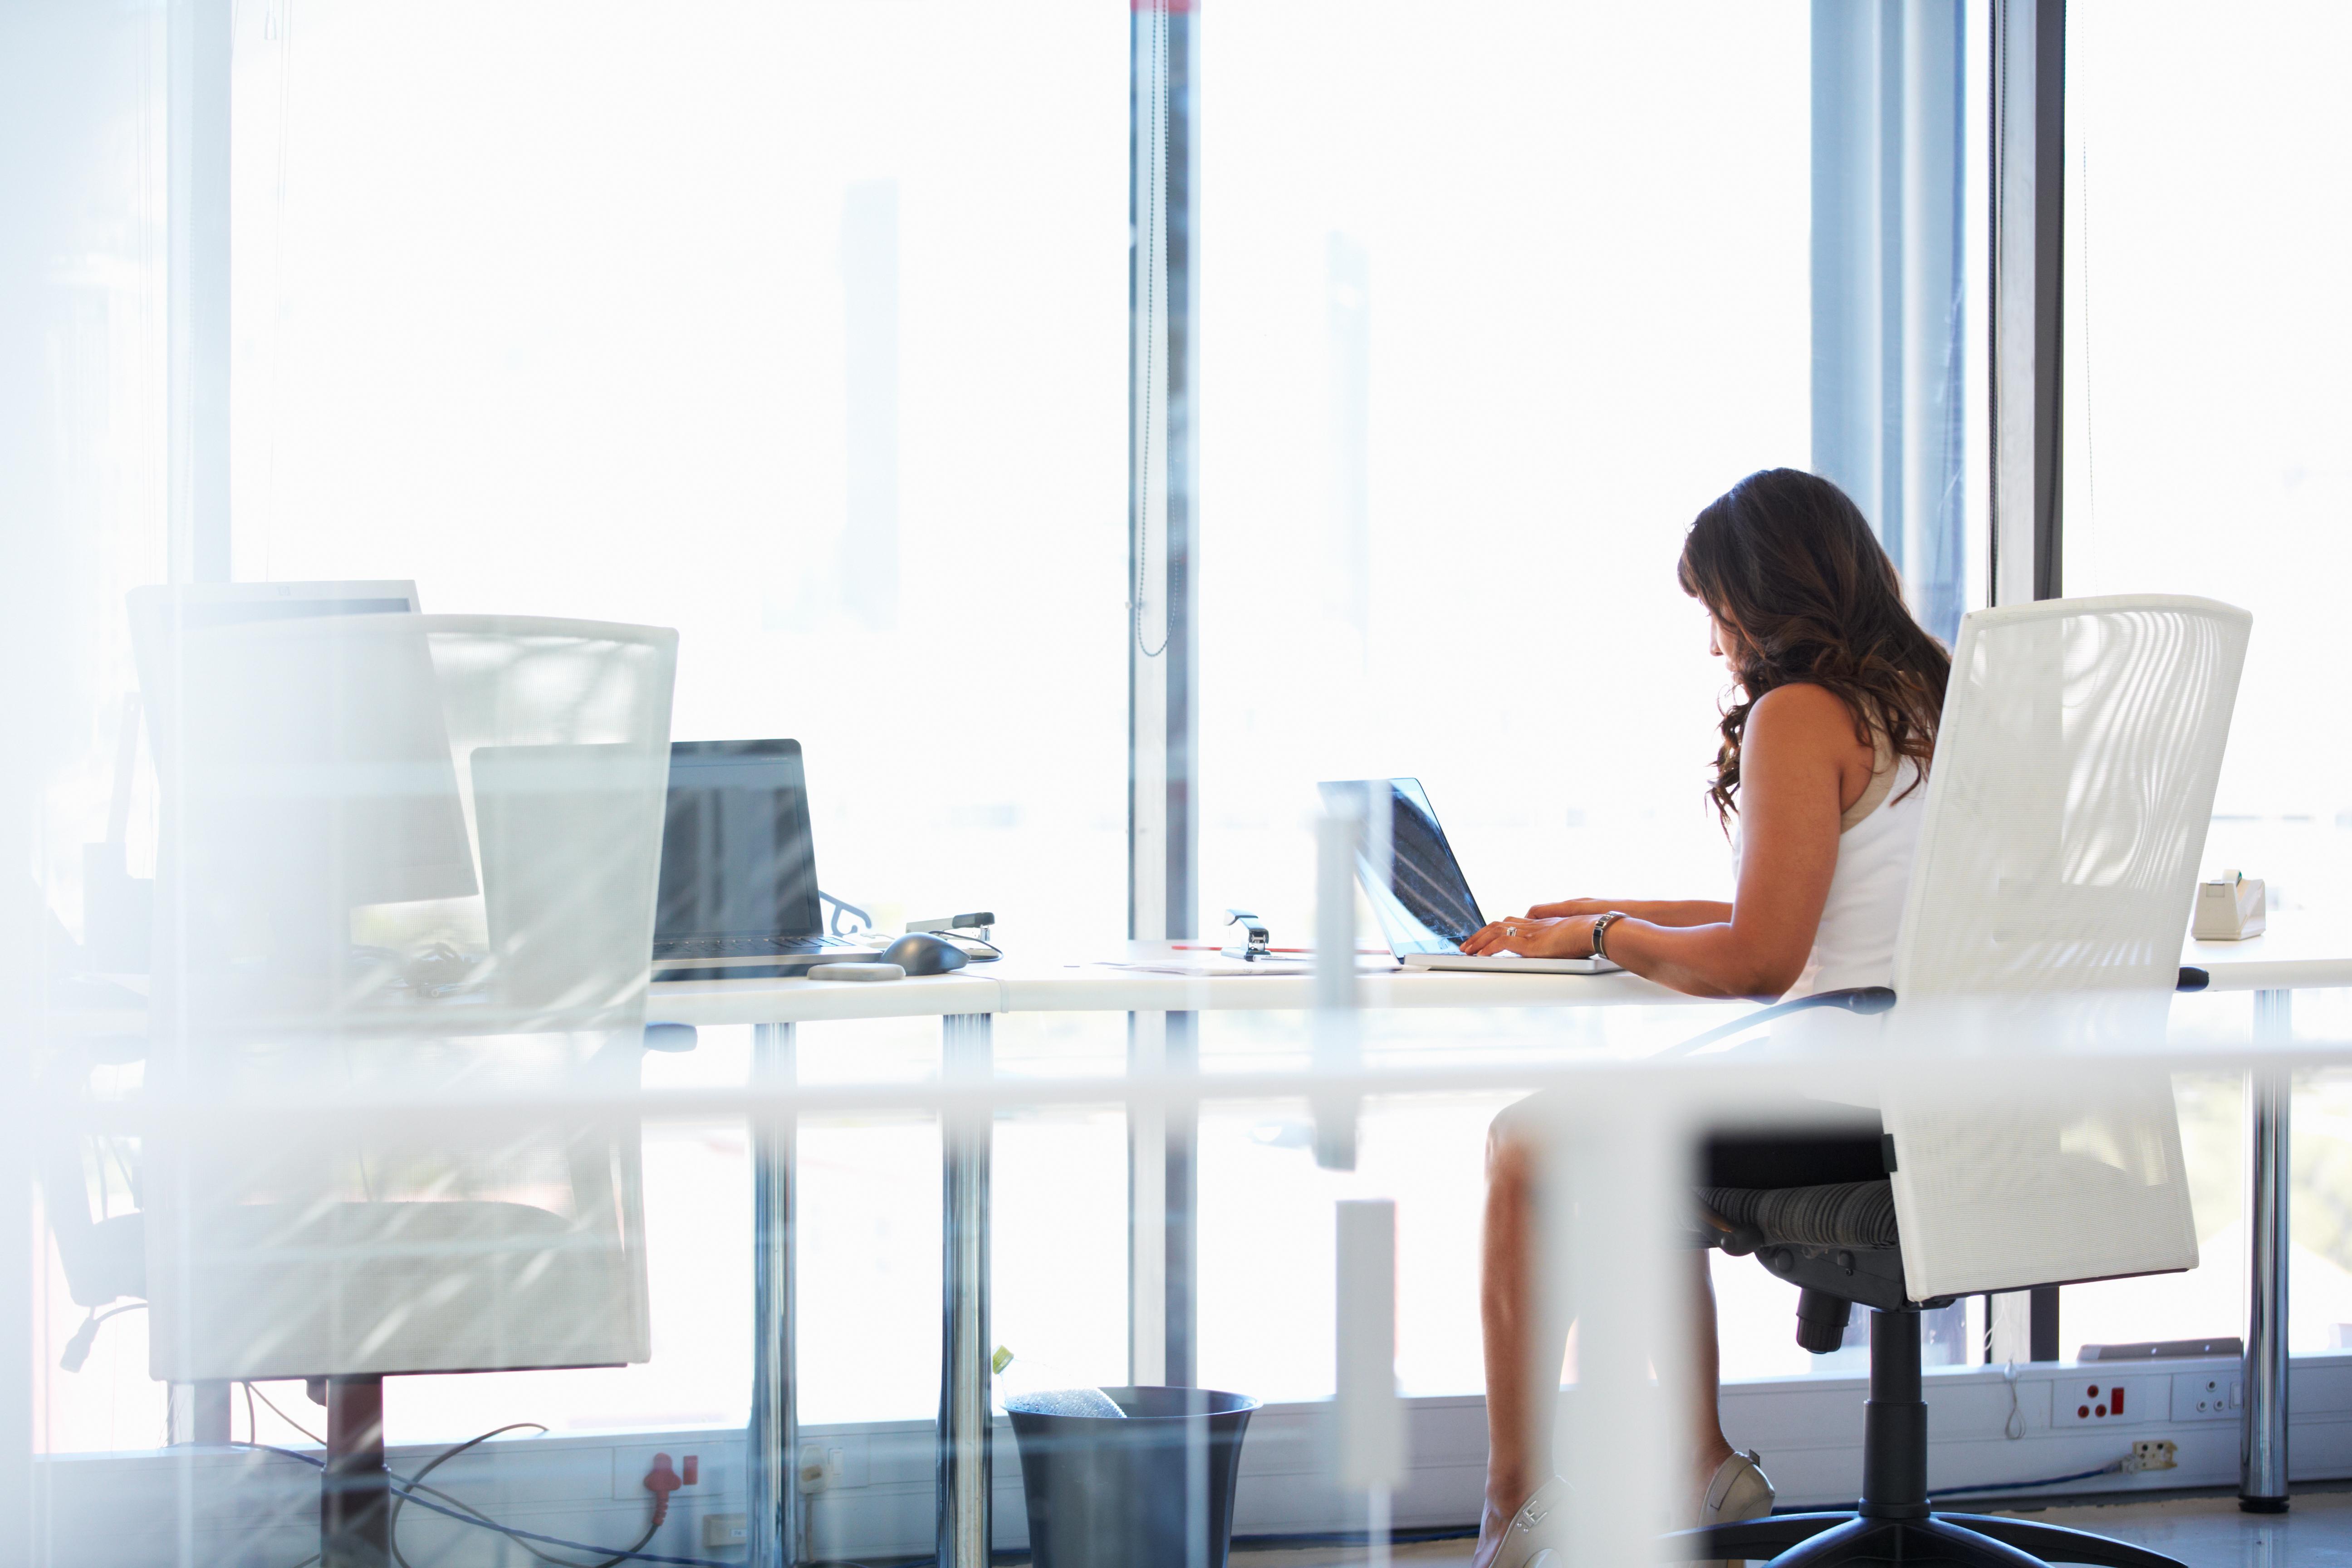 Enfermedades provocadas por la falta de higiene postural en el trabajo